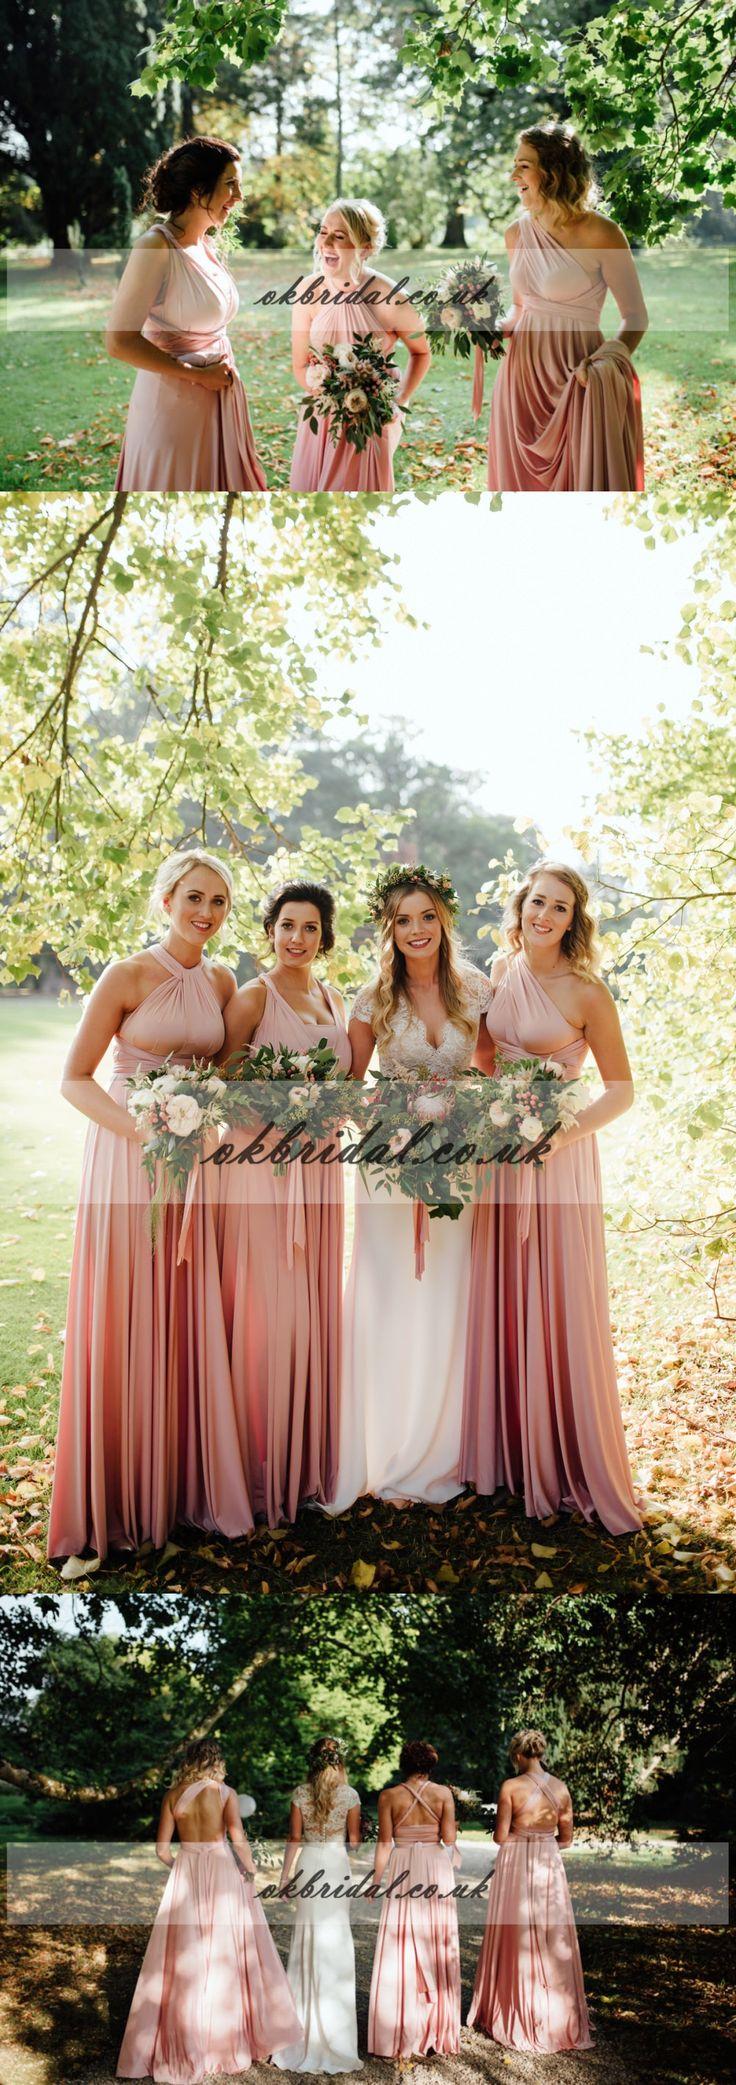 Convertible Soft Satin Bridesmaid Dress, Backless Bridesmaid Dress, Dress for Wedding, KX233